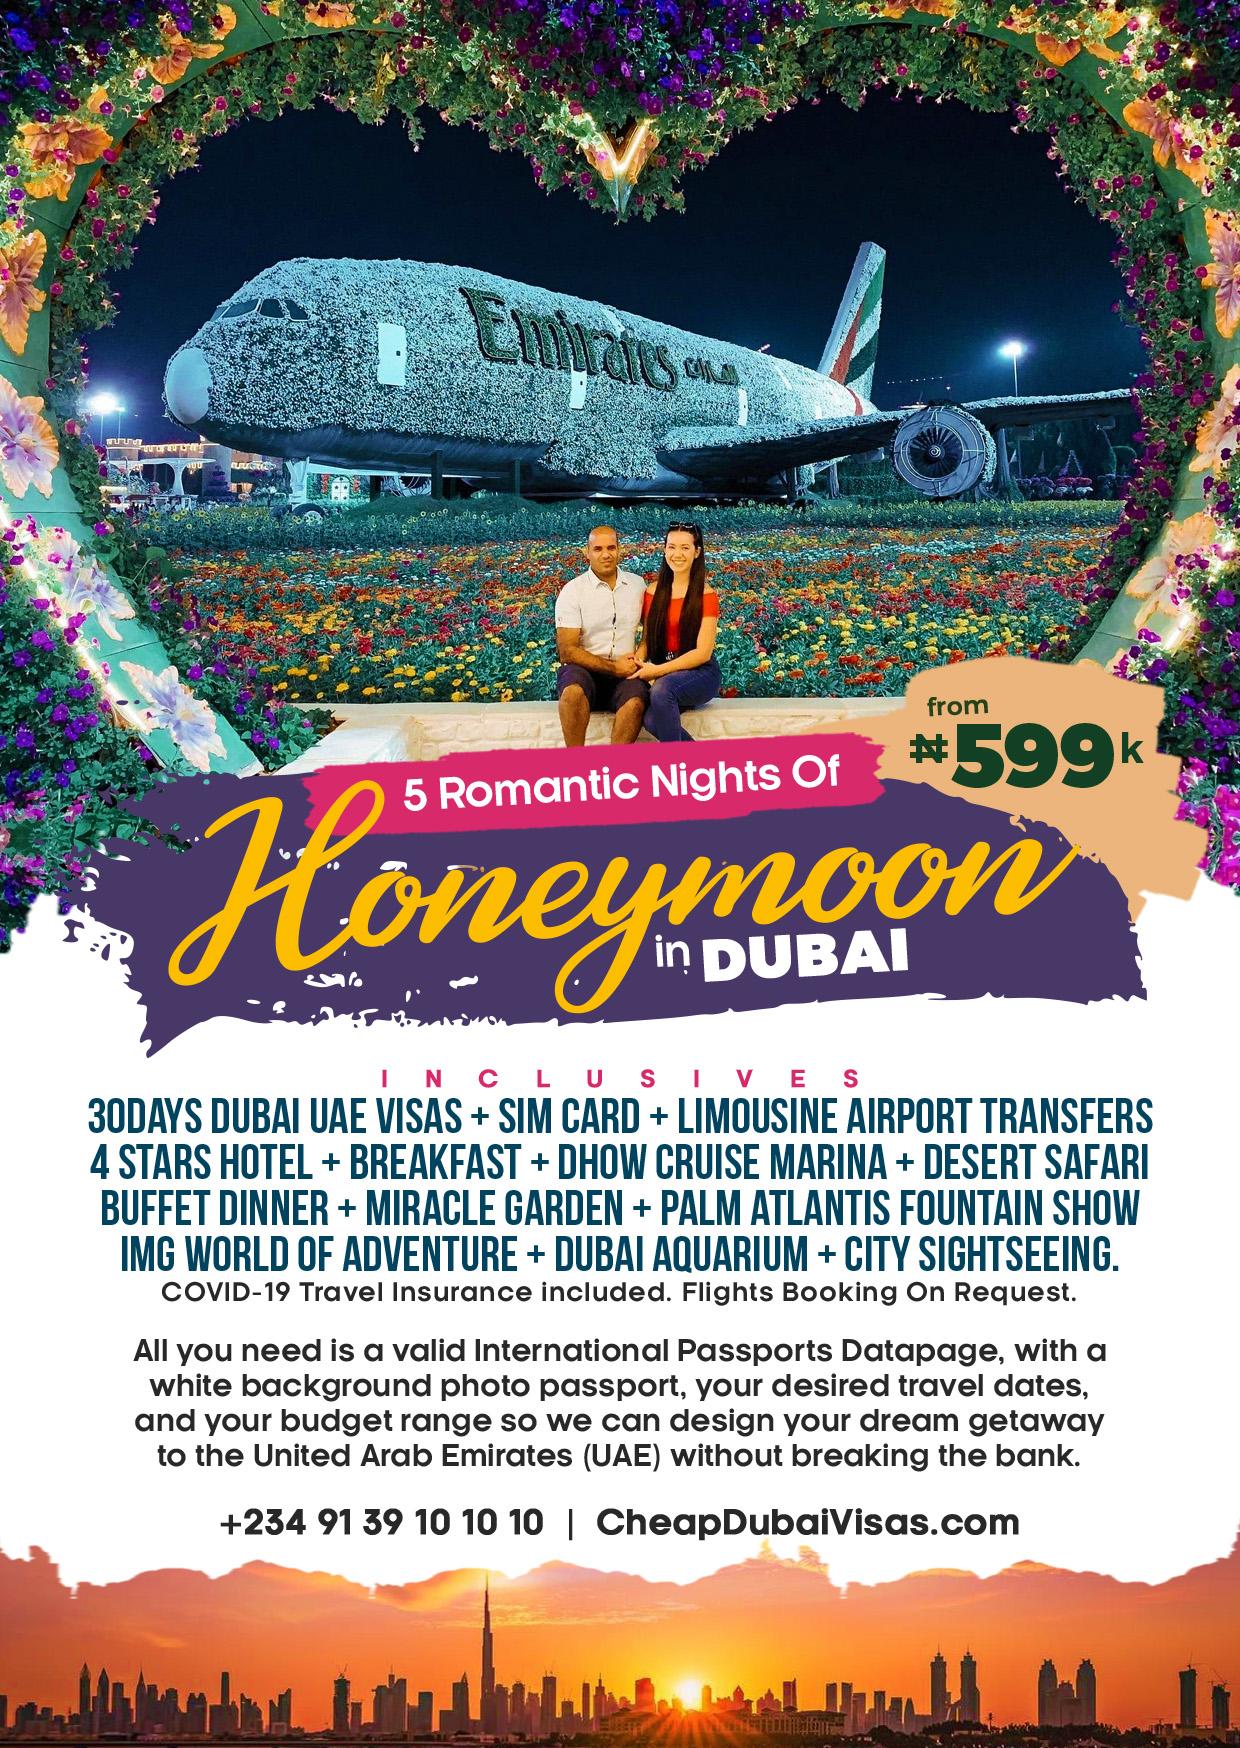 Dubai Honeymoon Packages Cheap Dubai Packages a Cheap Dubai Visas